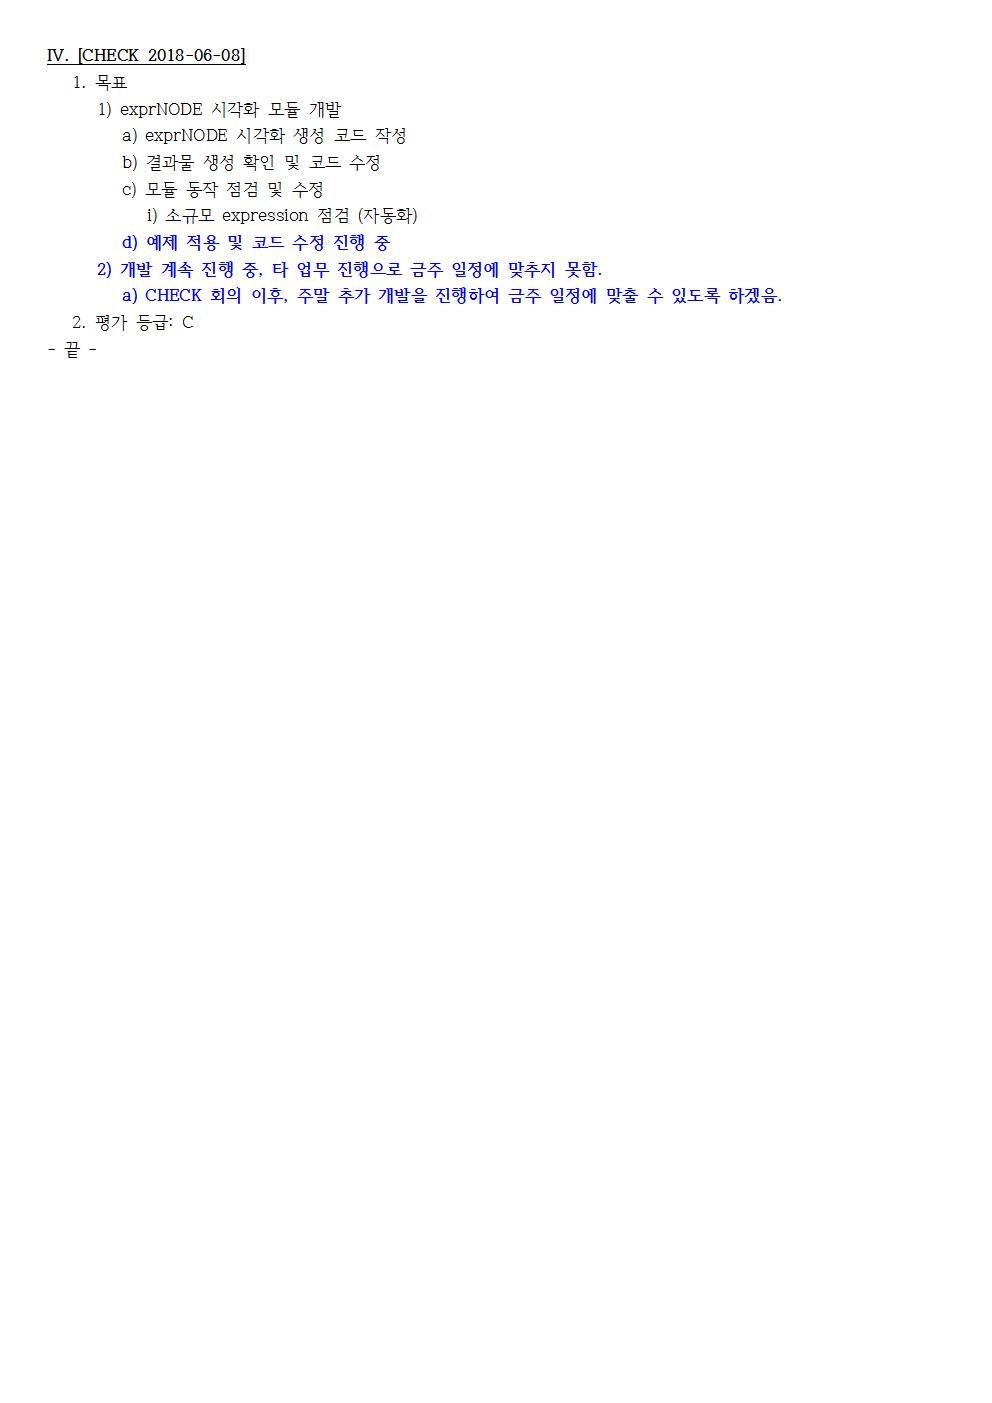 D-[18-003-RD-03]-[SRRE]-[2018-06-08][JS]003.jpg